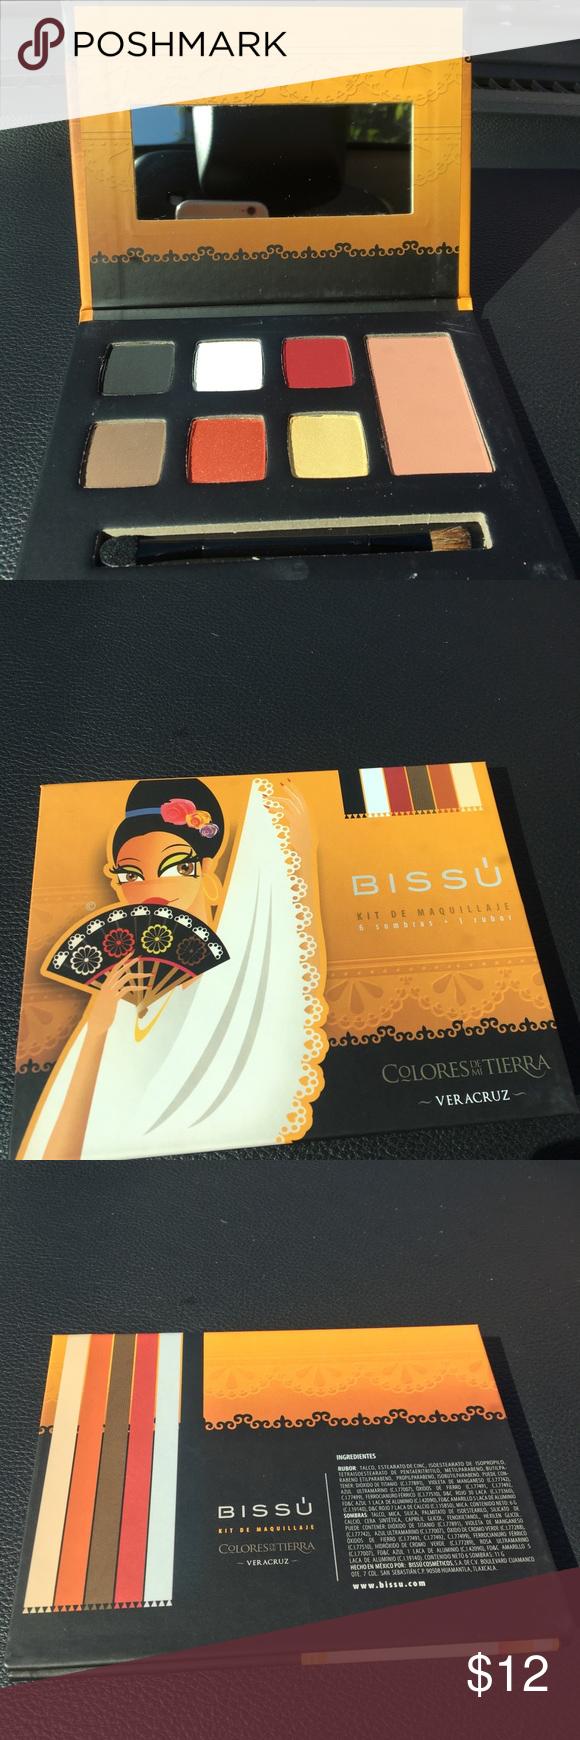 Bissu Kit d Maquillaje 6 Eyeshadow 1 Blush New Bissu